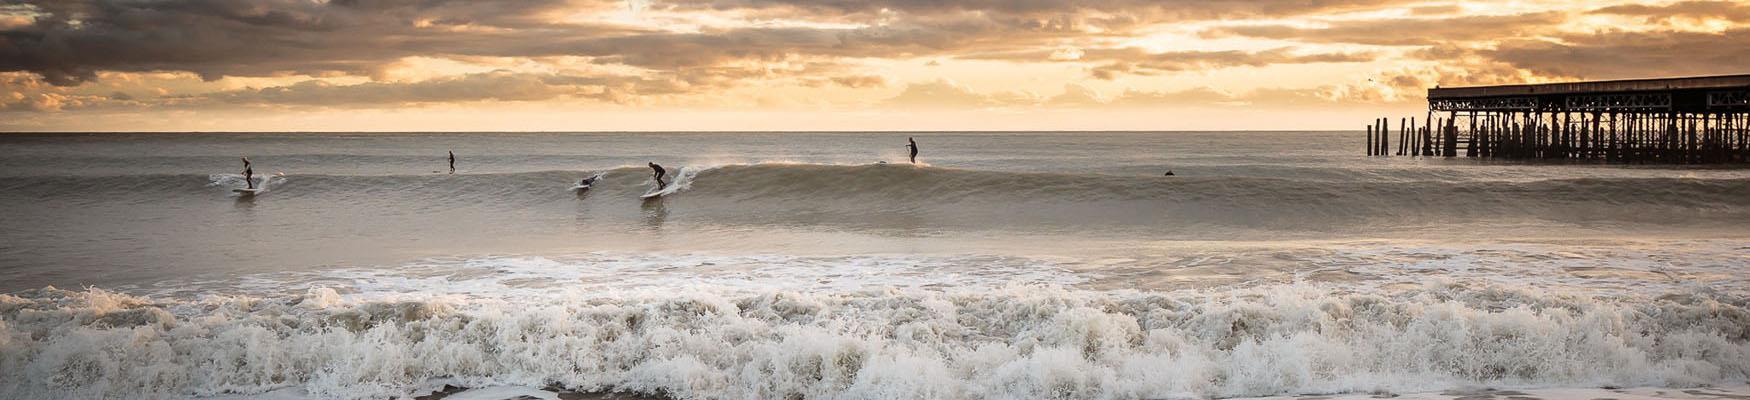 Surfers in Hastings in December by pier